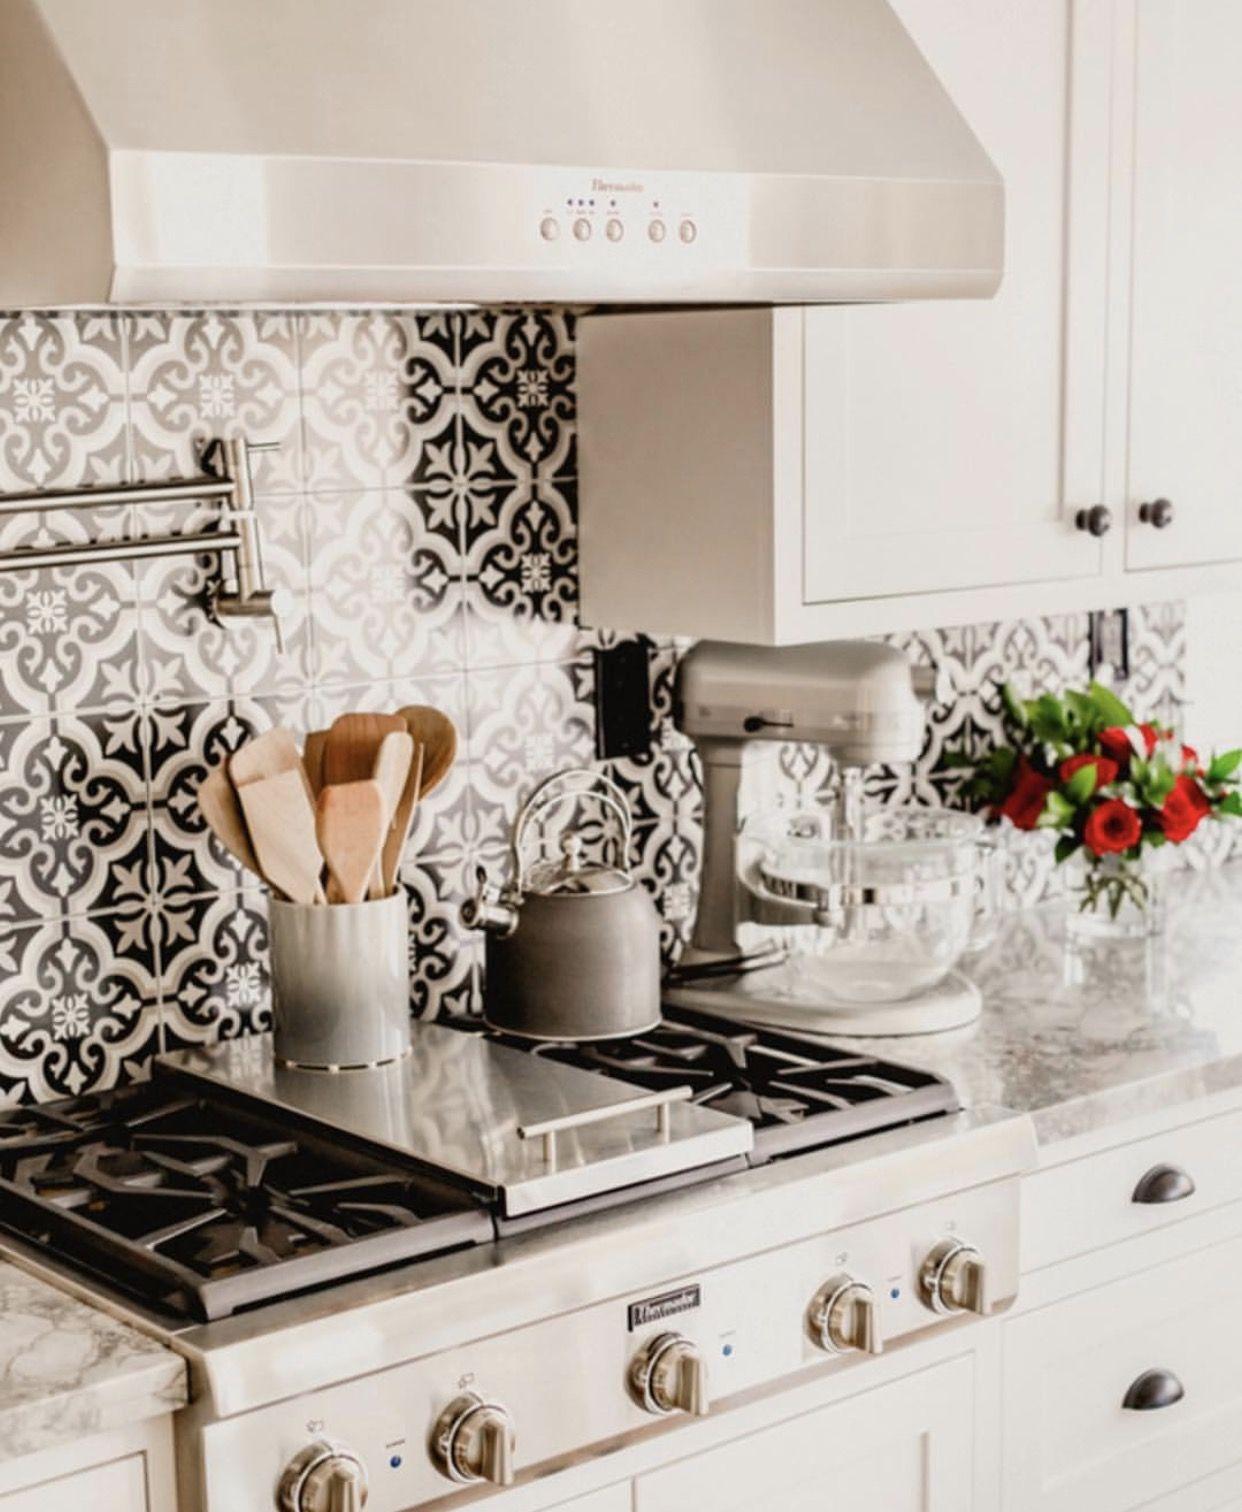 This kitchen backsplash is amazing. Black and White Tile